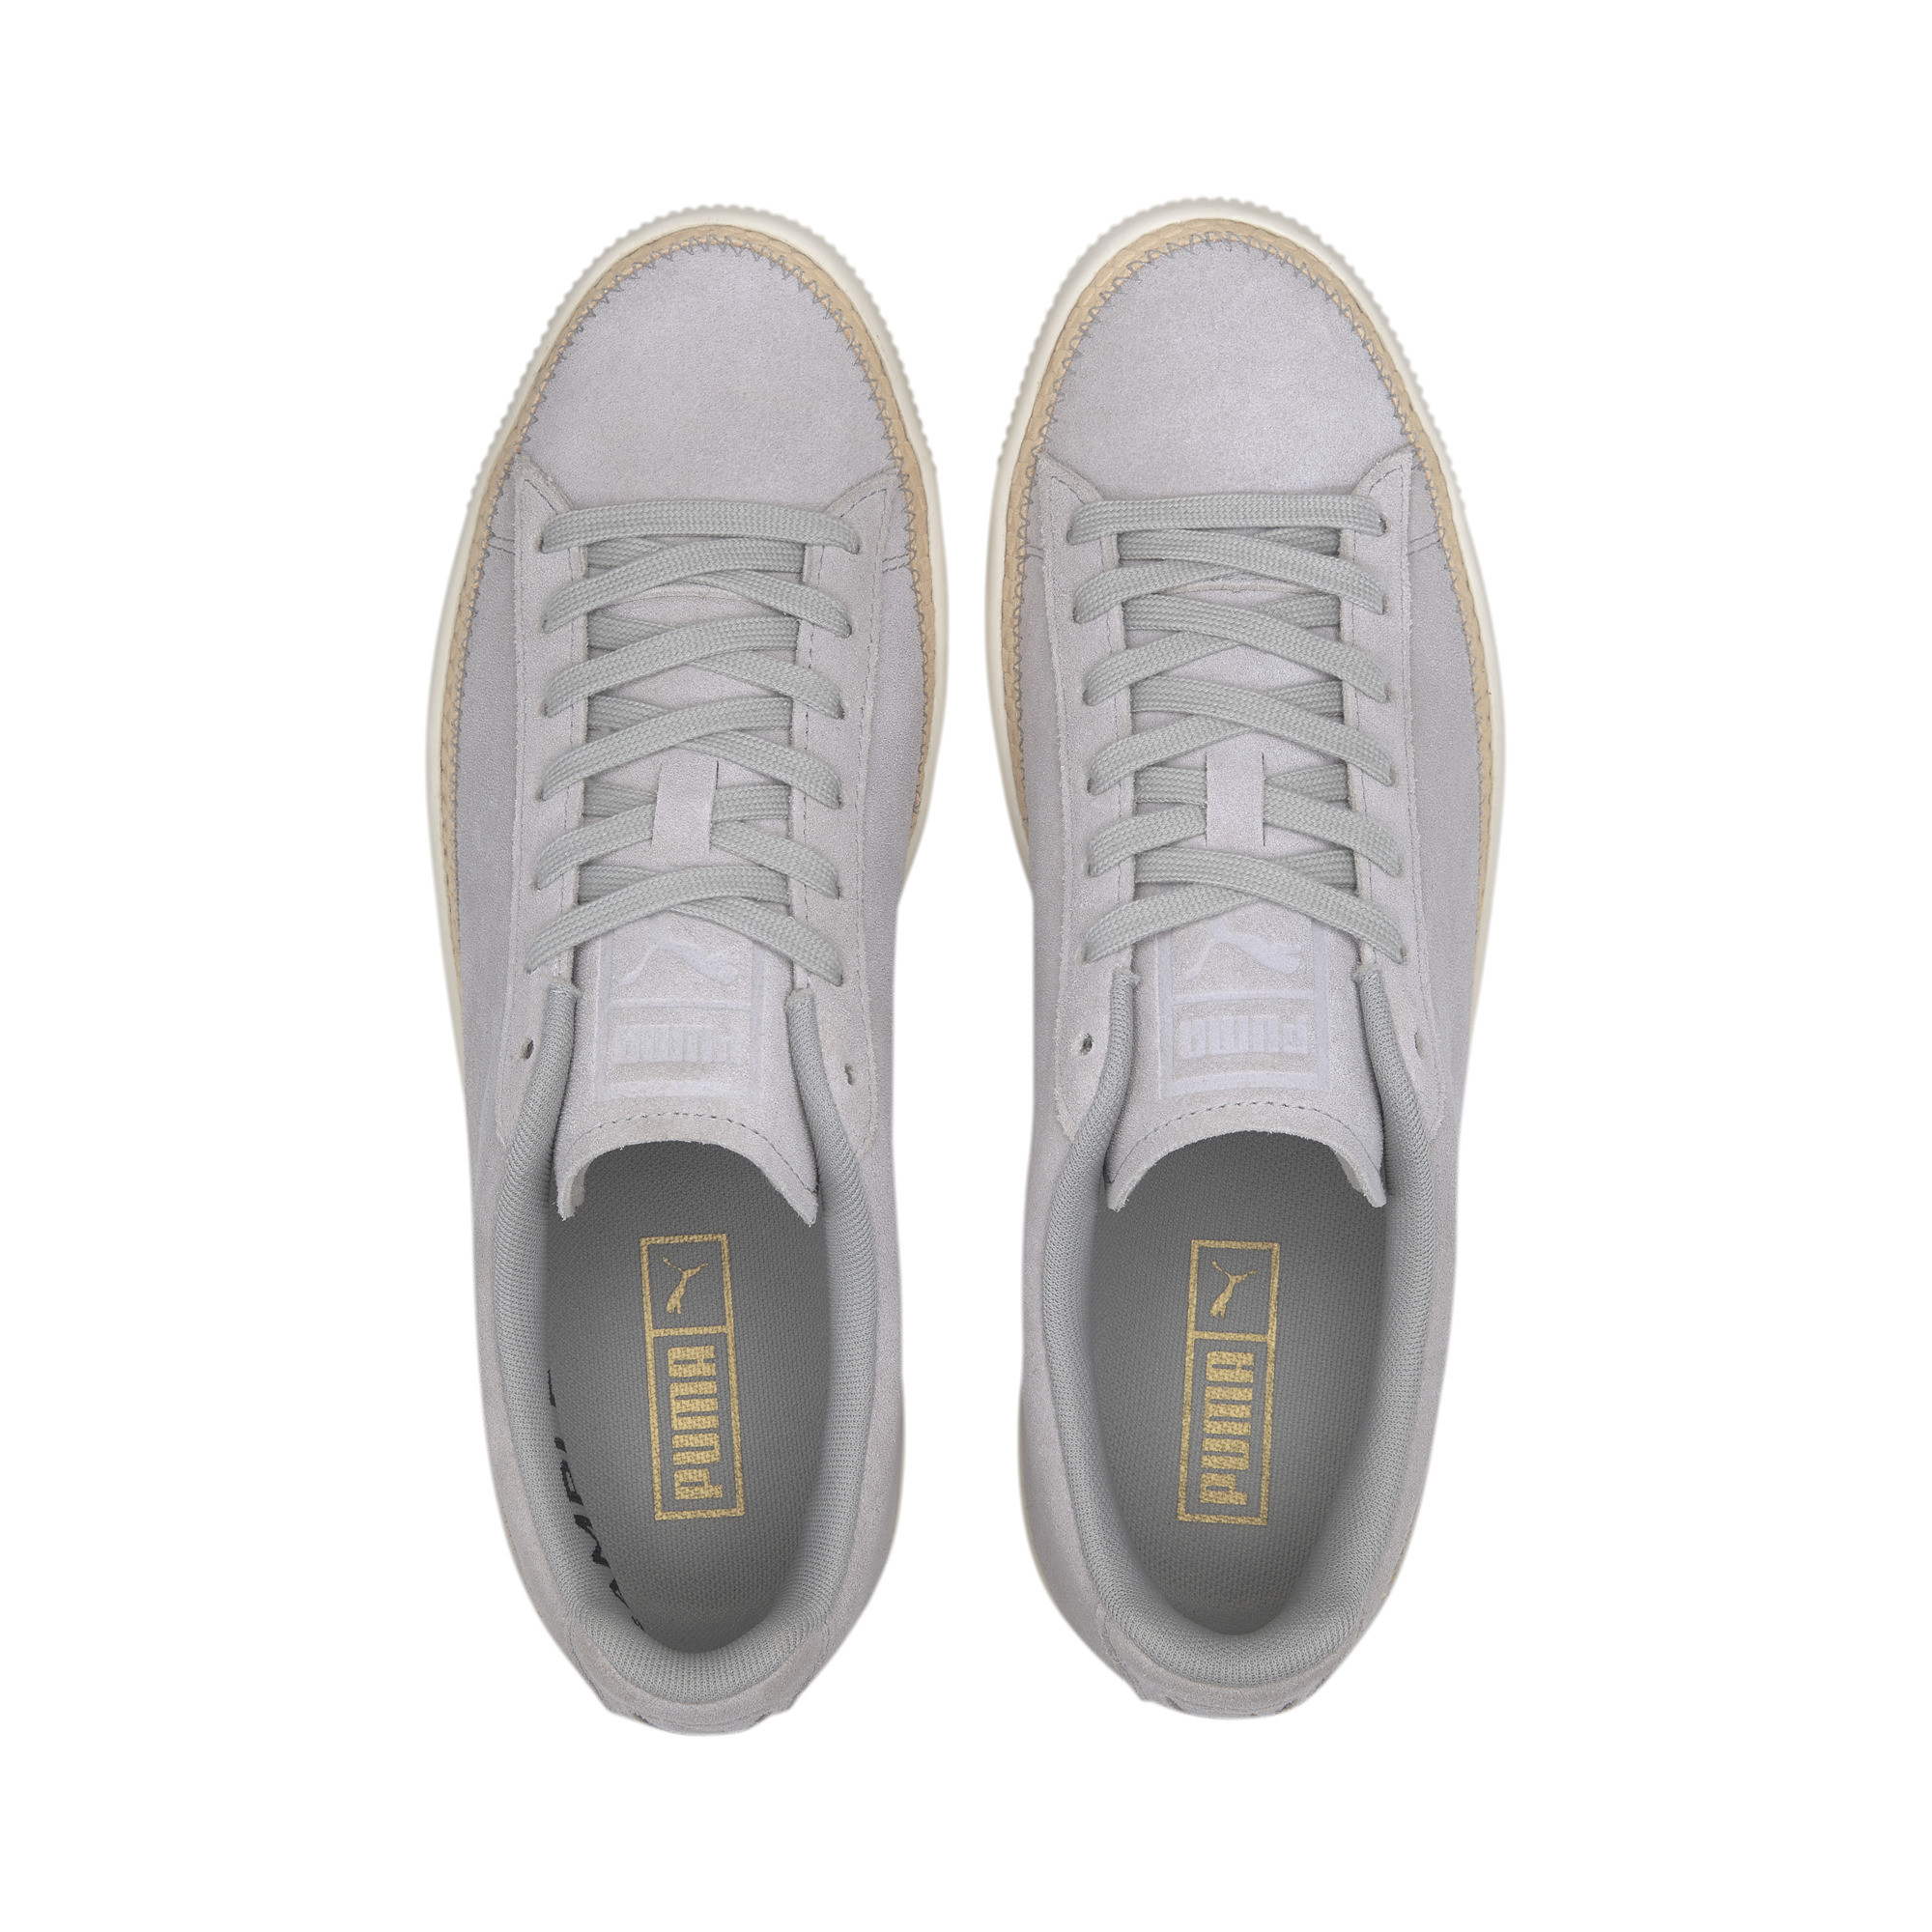 PUMA-Men-039-s-Suede-Trim-DLX-Sneakers thumbnail 8